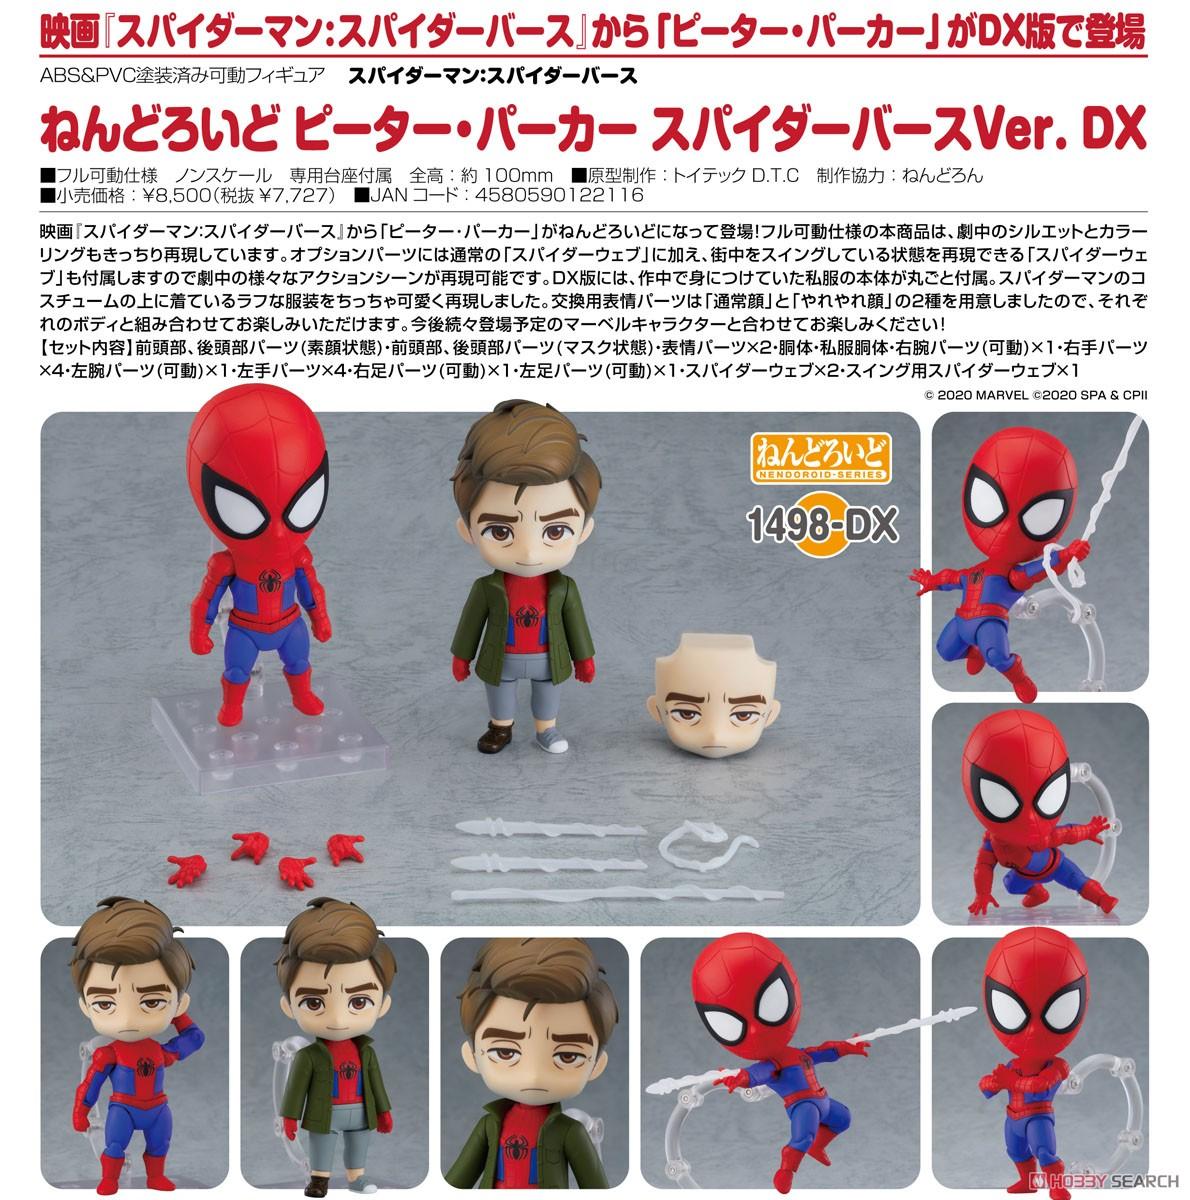 ねんどろいど『ピーター・パーカー スパイダーバースVer. DX』デフォルメ可動フィギュア-009